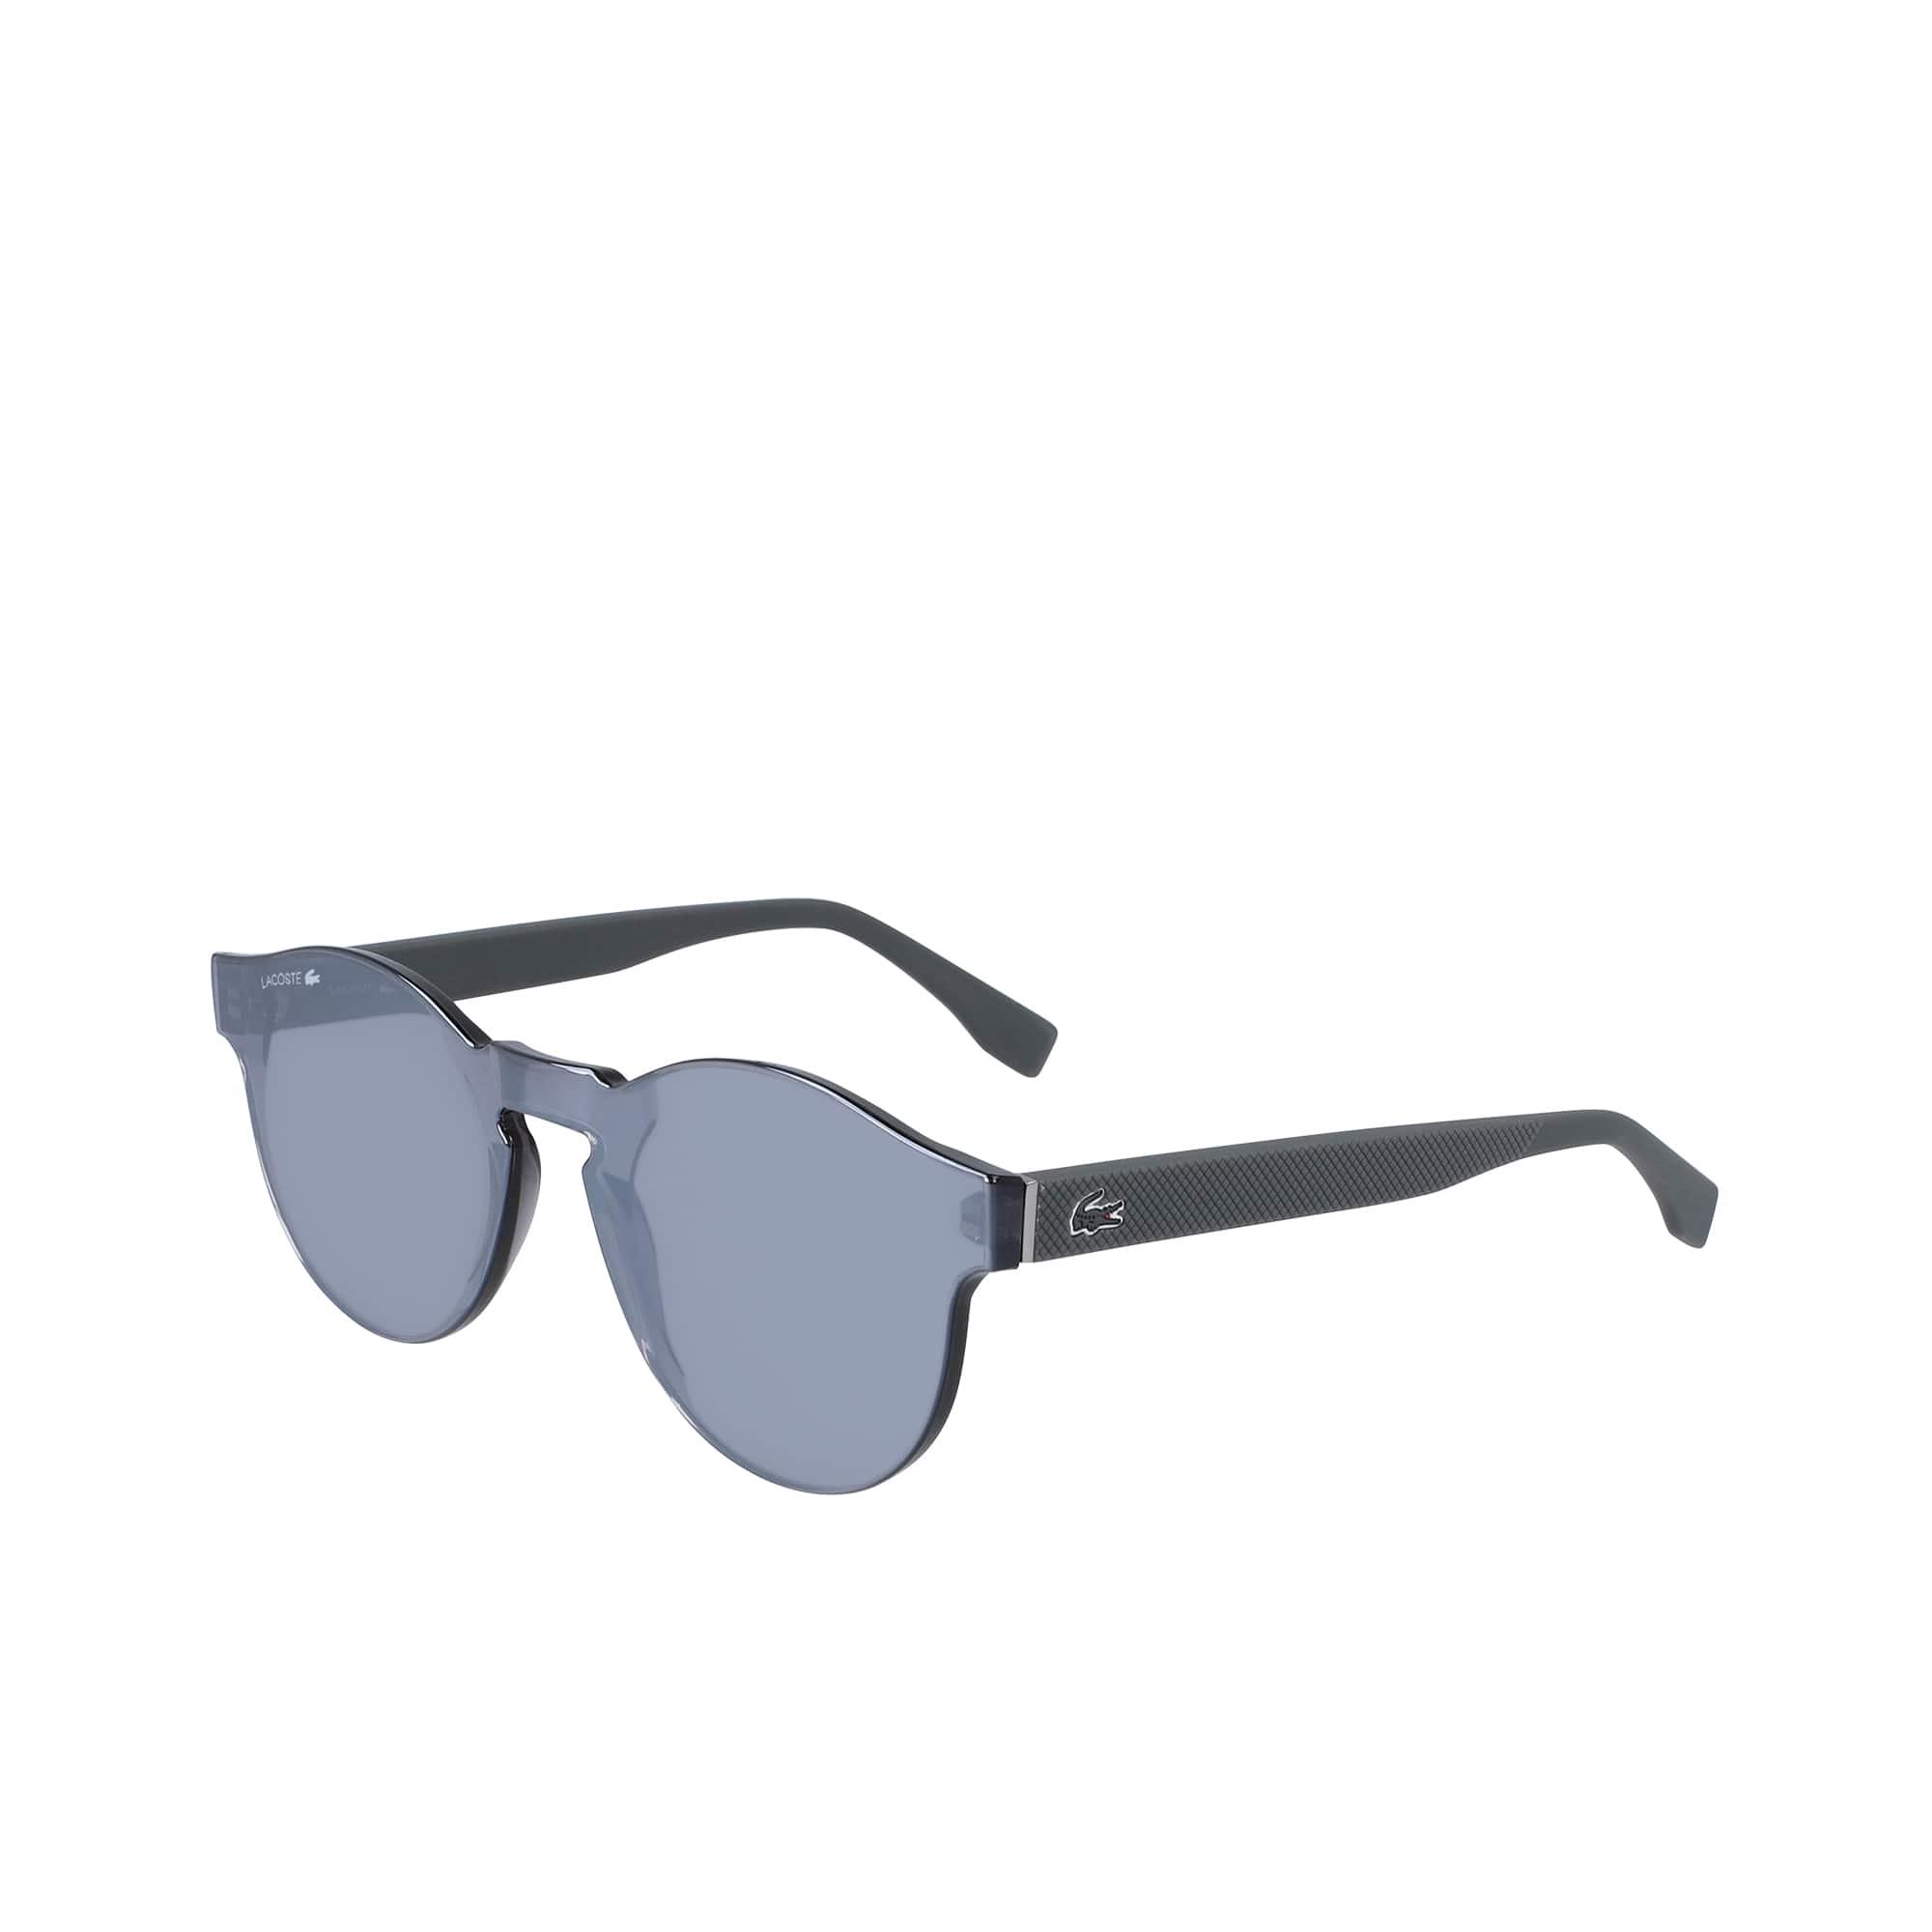 5ab1dc8ad0 Todas las gafas de sol | Complementos | LACOSTE